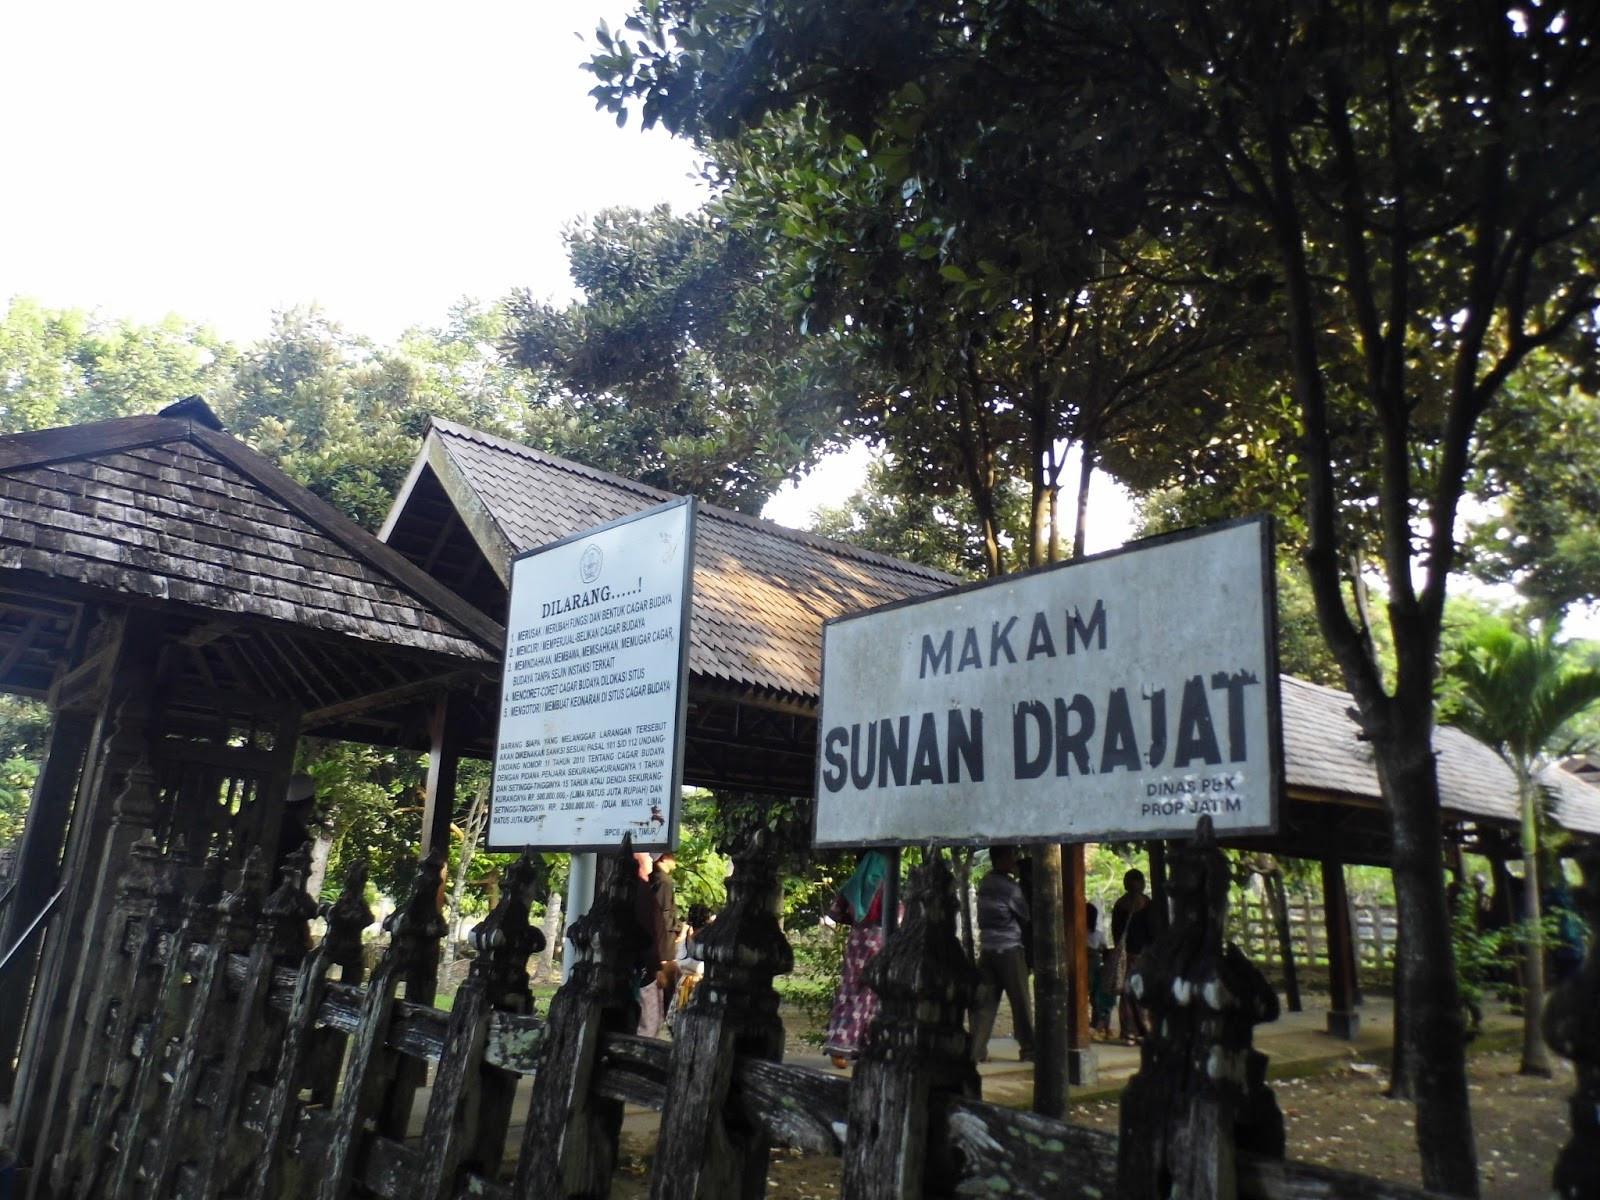 Kemenpar Sulap Lahan Parkir Wisata Religi Lamongan Makam Sunan Drajat